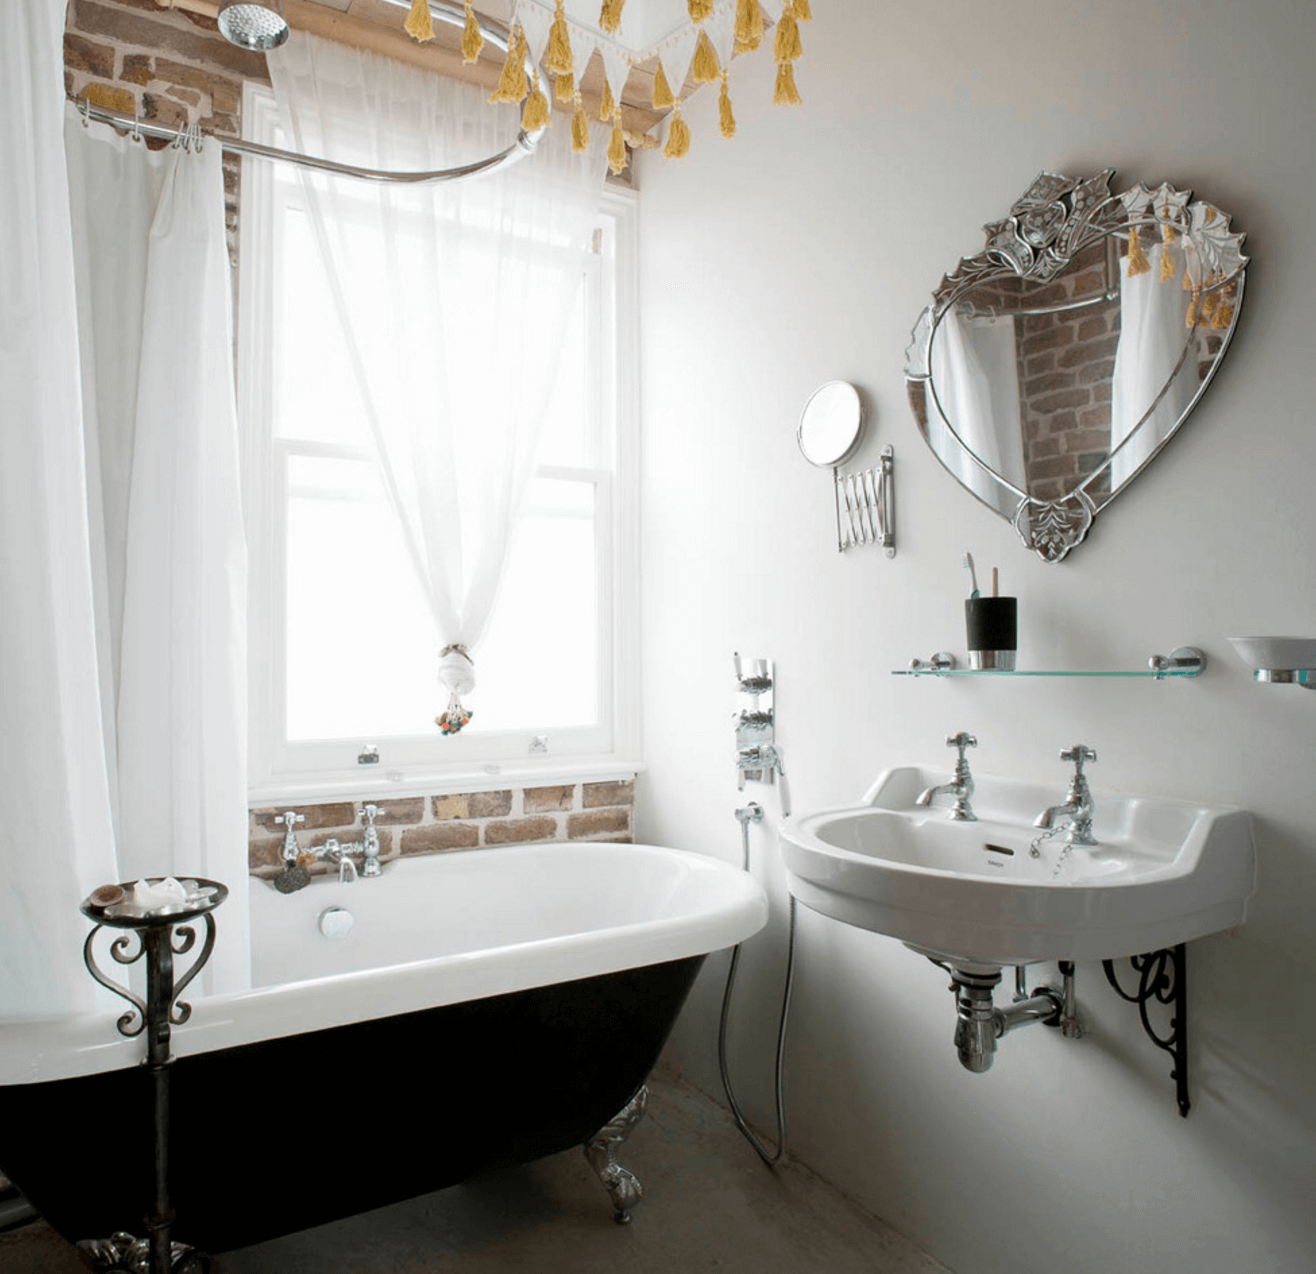 Необычная форма зеркала в интерьере ванной комнаты